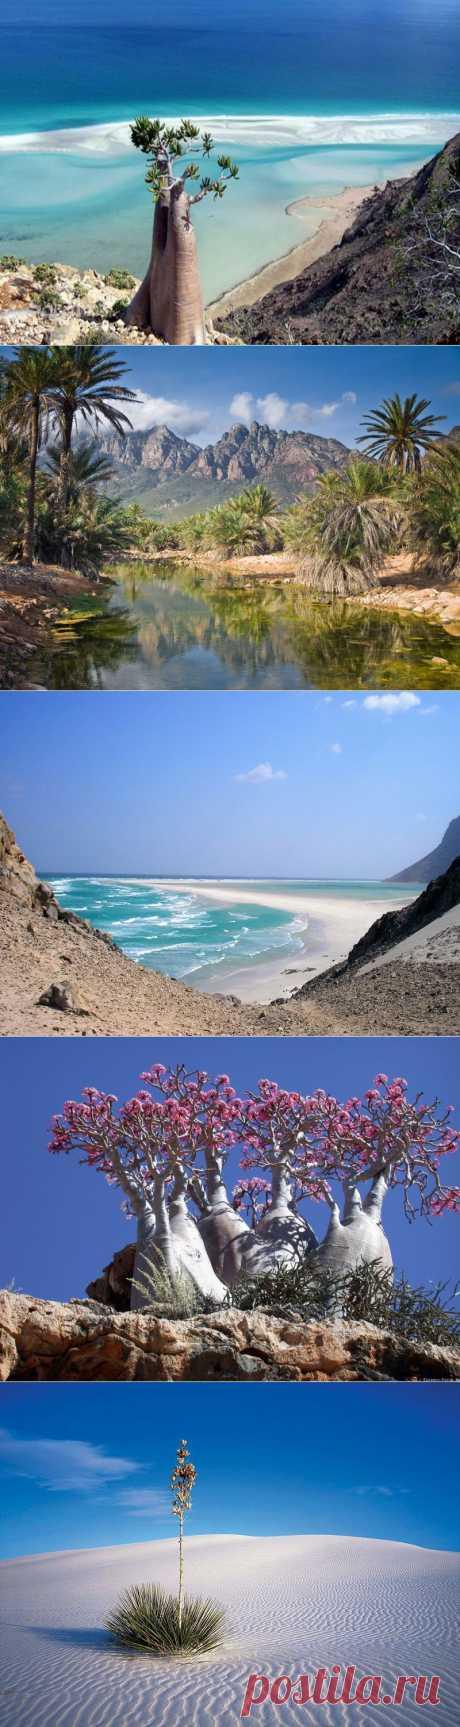 Необычные пейзажи острова Сокотра | Удивительное и смешное в картинках